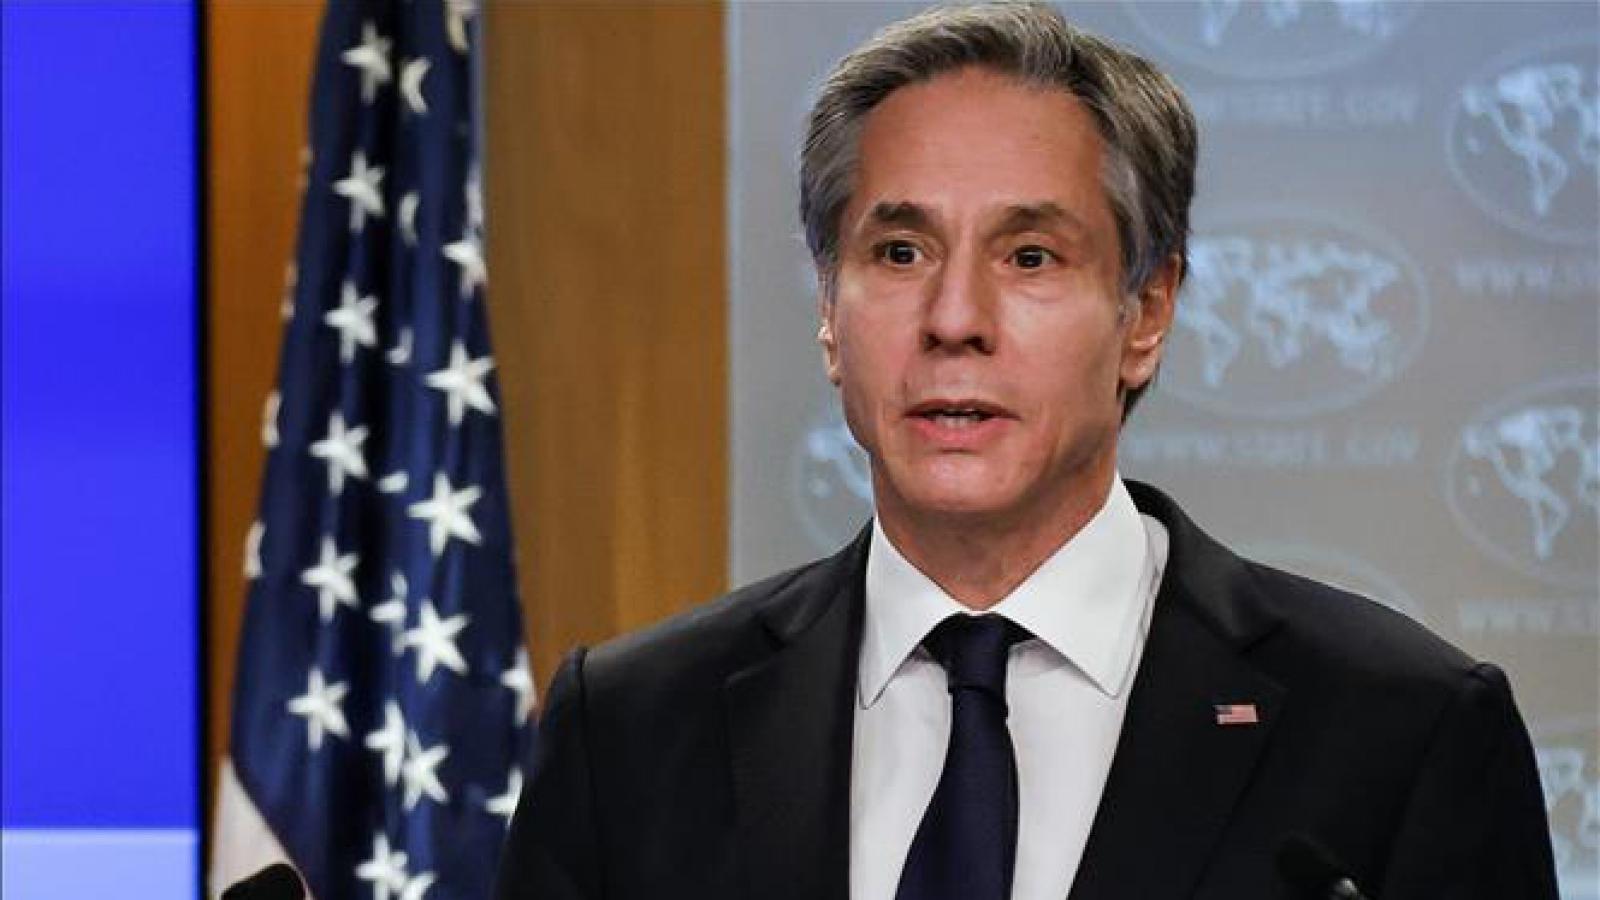 Mỹ, Hàn Quốc tái khẳng định quan hệ đồng minh ở Đông Bắc Á và Ấn Độ Dương - Thái Bình Dươn